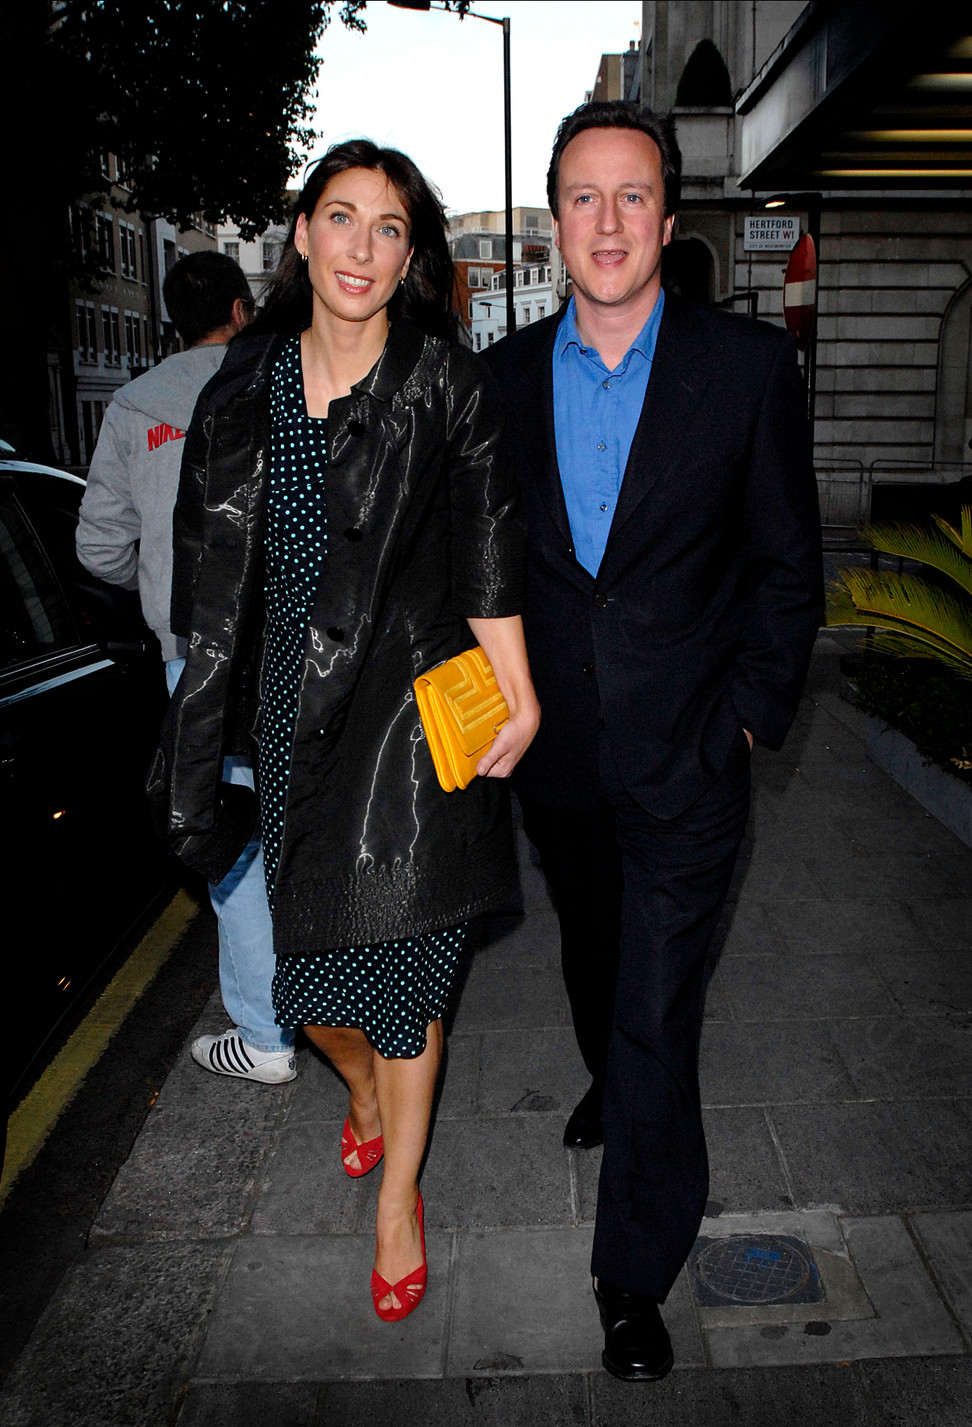 David & Samantha Cameron